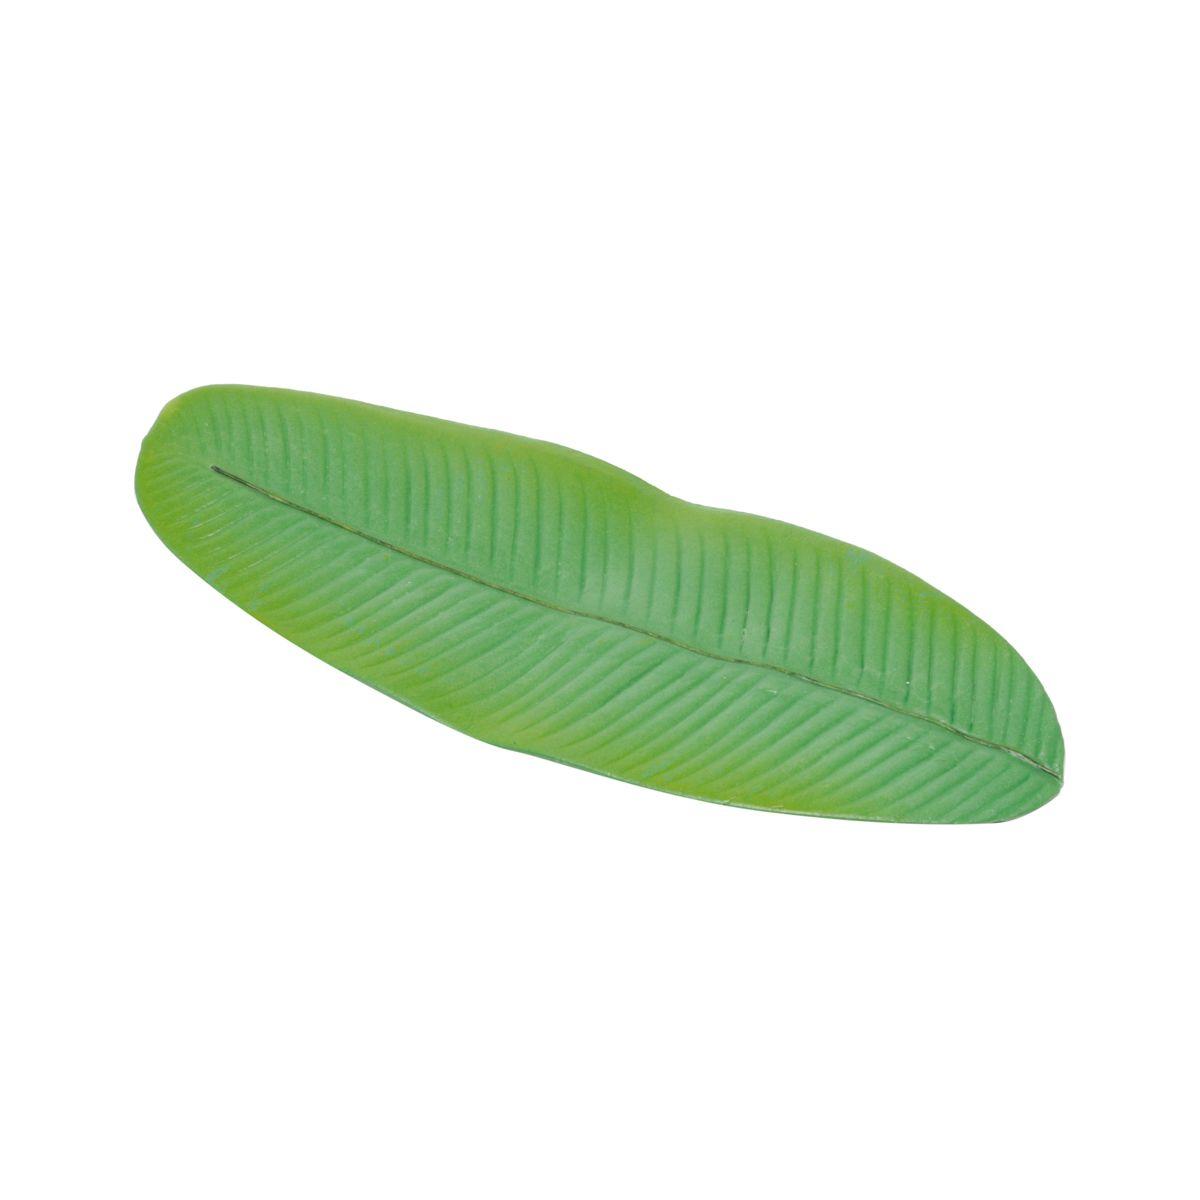 Jogo 4 anéis para guardanapo e descanso para talher de plástico Folha Bananeira Lyor - L7105